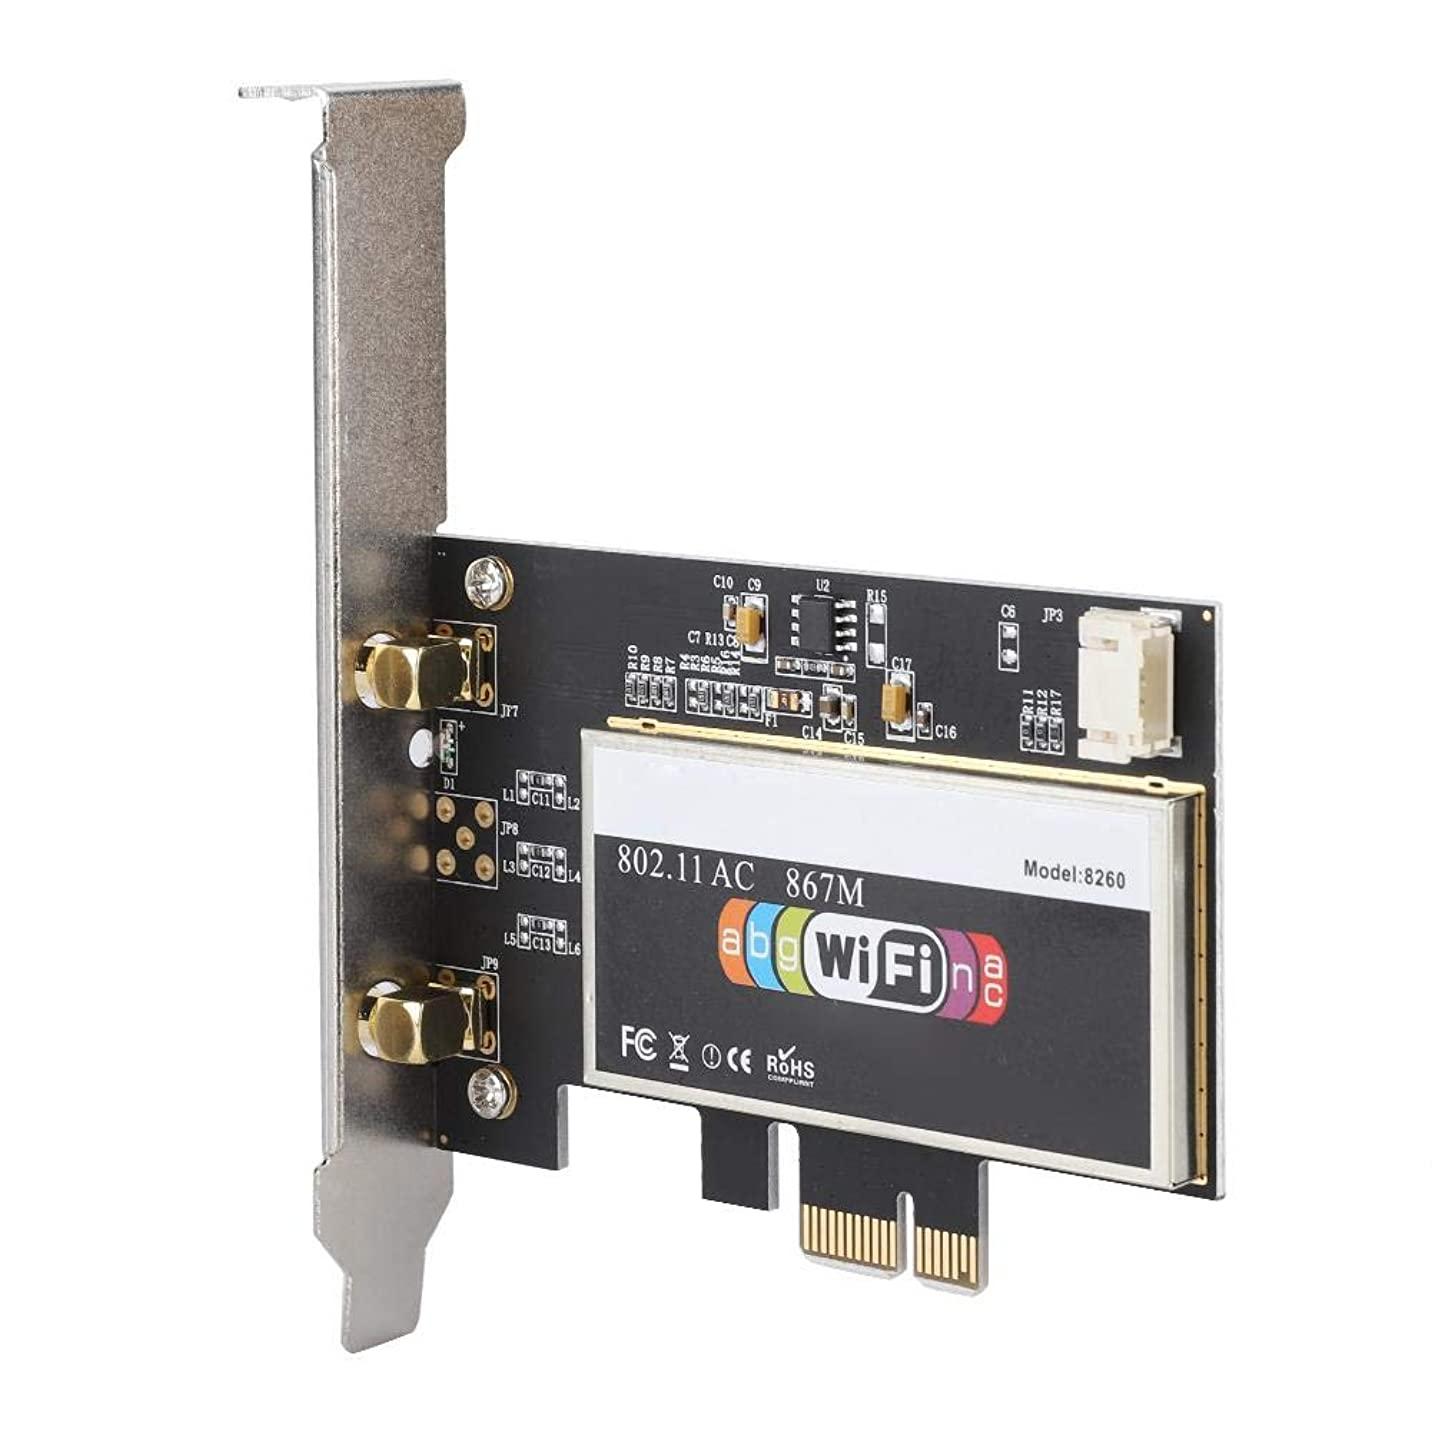 Intel 8260AC向けデスクトップPC PCI-Eワイヤレスネットワークカードデュアル867Mbps + Bluetooth 4.2 最大867Mbps接続速度 IEEE 802.11AC規格に準拠する 高性能